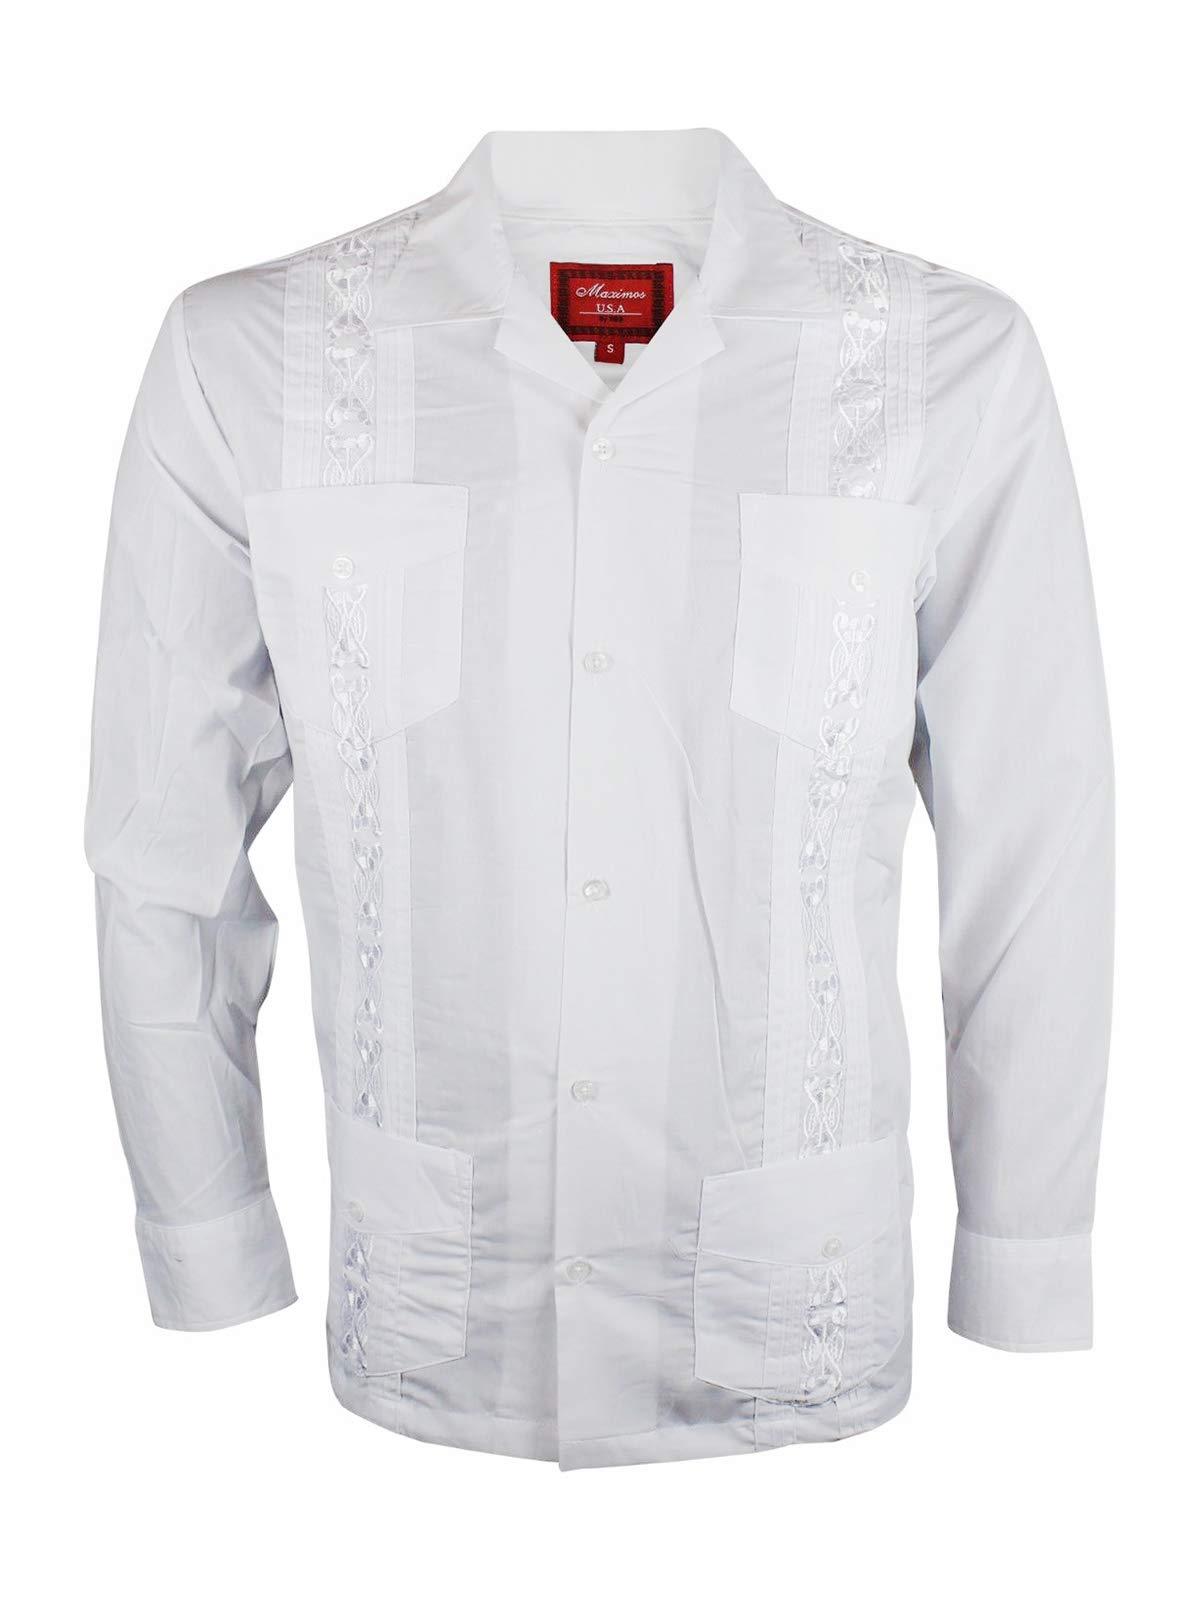 Ginoken Guayabera Men's Cuban Style Bartender Wedding Button Up Long Sleeve Dress Shirt